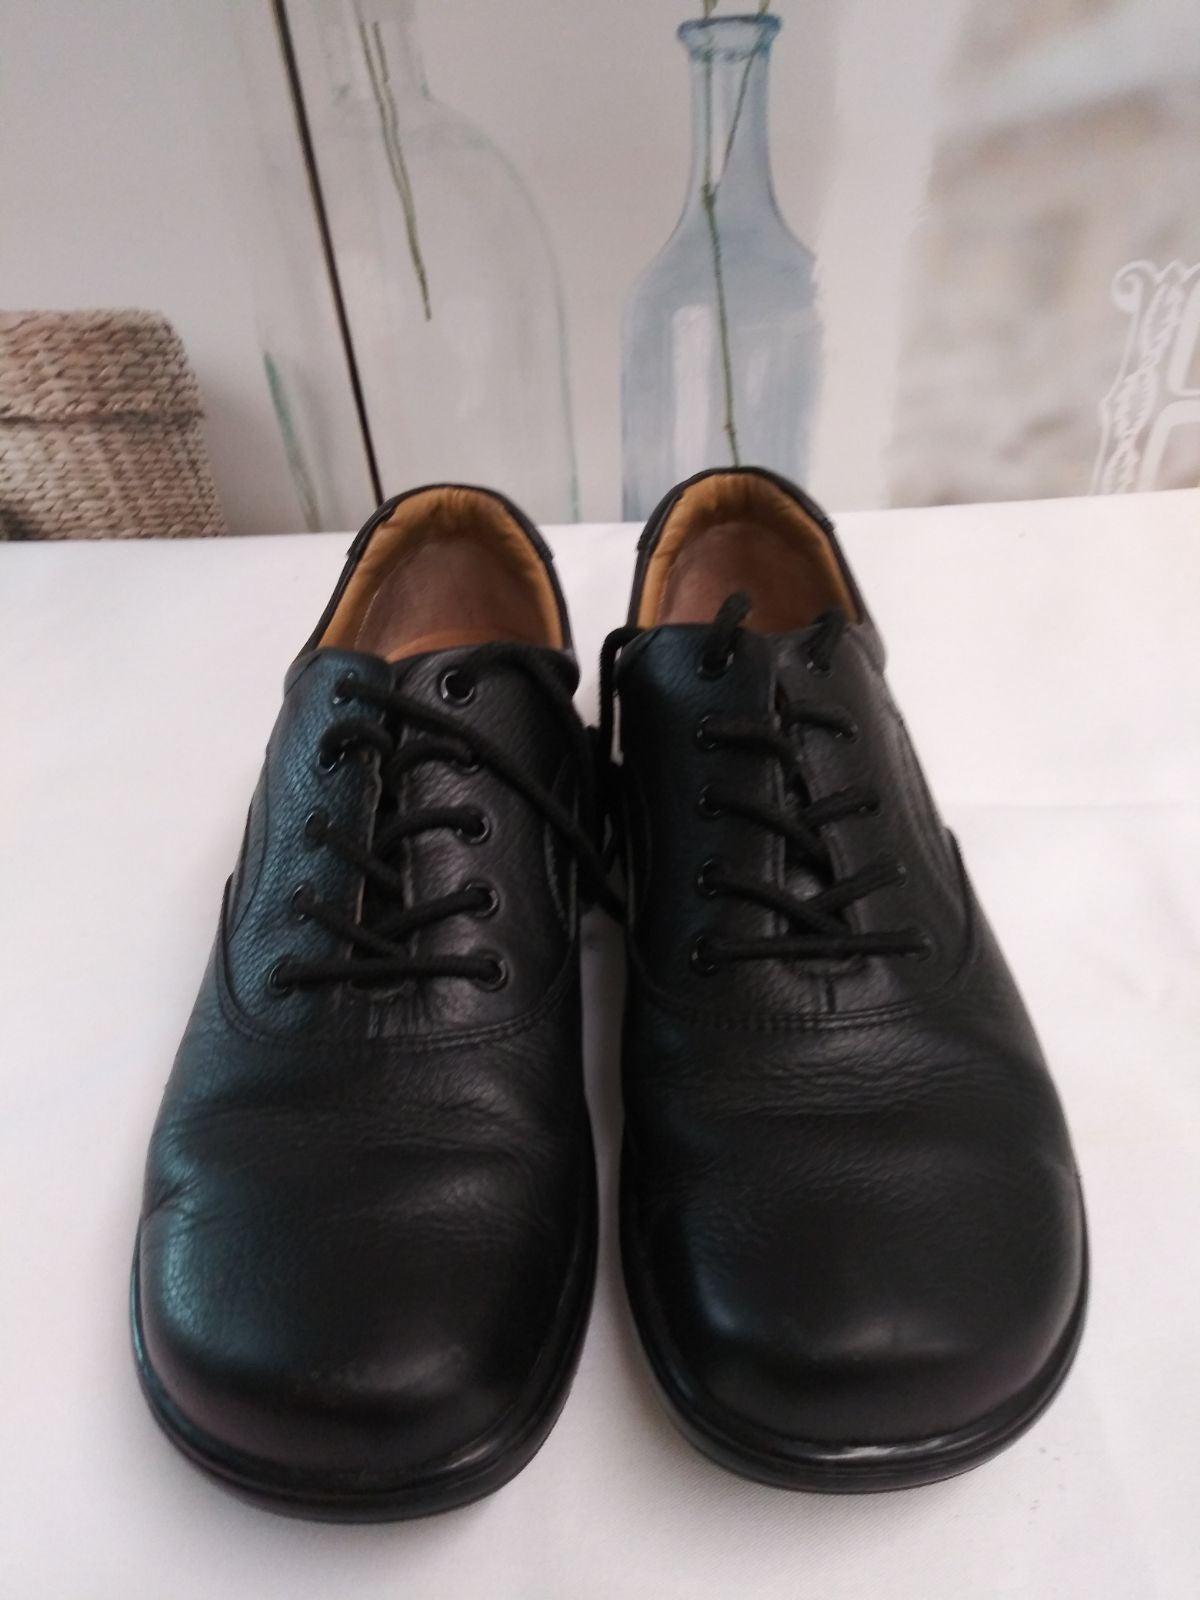 Nurse Mate Shoes Sz. 10M